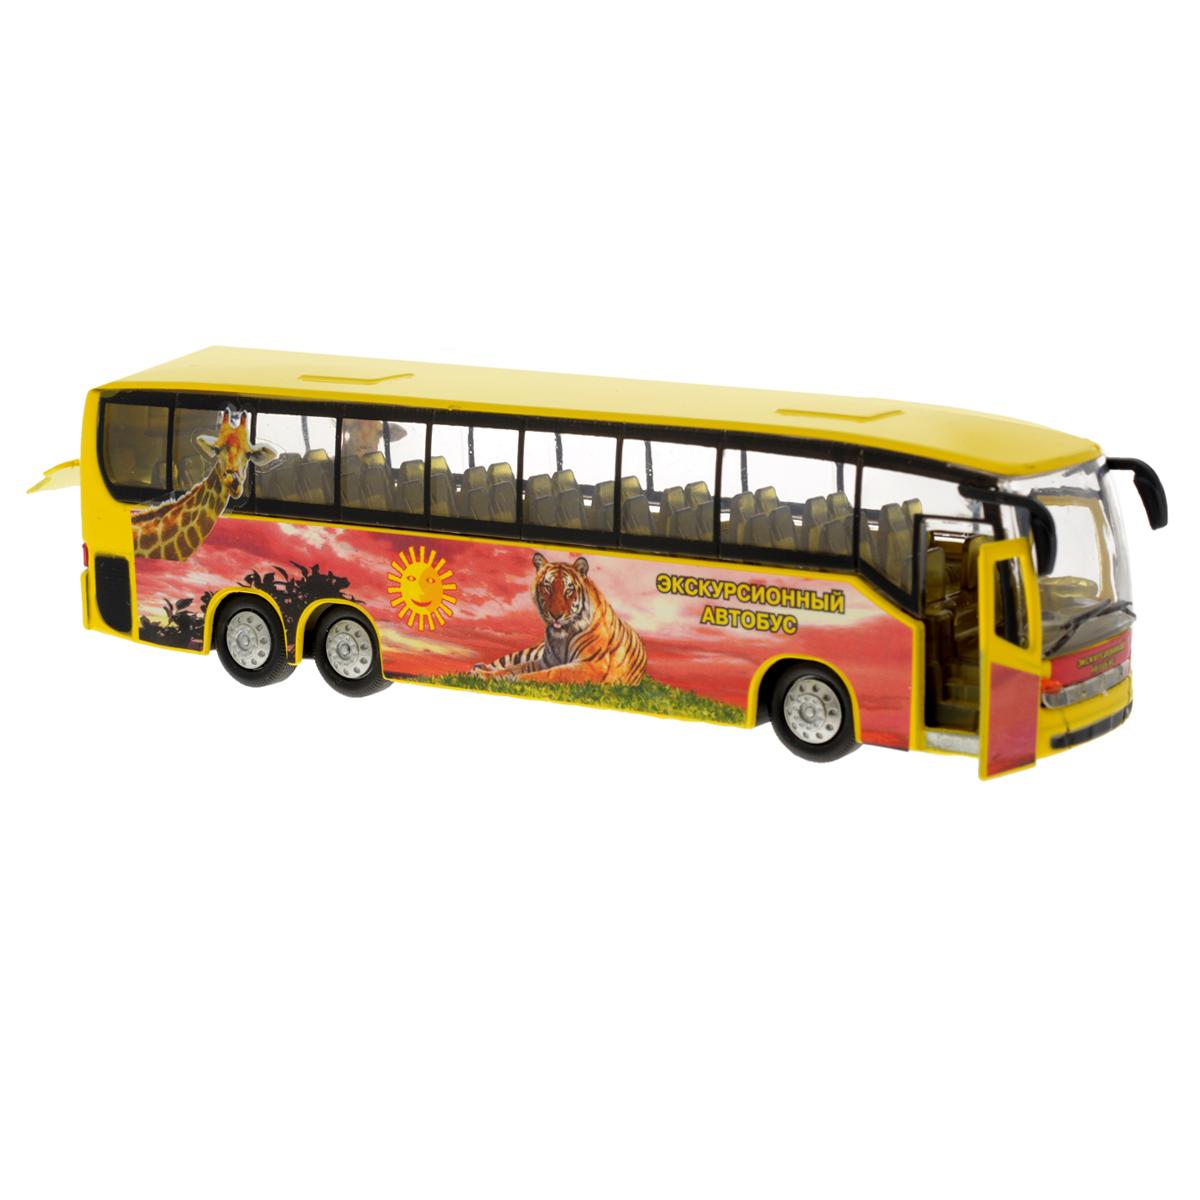 Игрушка инерционная ТехноПарк Автобус. CT10-025-4CT10-025-4Инерционная игрушка ТехноПарк Автобус, выполненная из пластика и металла, станет любимой игрушкой вашего малыша. Игрушка представляет собой модель экскурсионного автобуса. Дверь, ведущая в салон, и багажное отделение автобуса открываются. При нажатии на корпус автобуса замигают внутренняя подсветка и фары и раздастся звук работающего двигателя. Игрушка оснащена инерционным ходом. Автобус необходимо отвести назад, затем отпустить - и он быстро поедет вперед. Прорезиненные колеса обеспечивают надежное сцепление с любой гладкой поверхностью. Ваш ребенок будет часами играть с этой игрушкой, придумывая различные истории. Порадуйте его таким замечательным подарком! Автобус работает от батареек (товар комплектуется демонстрационными).